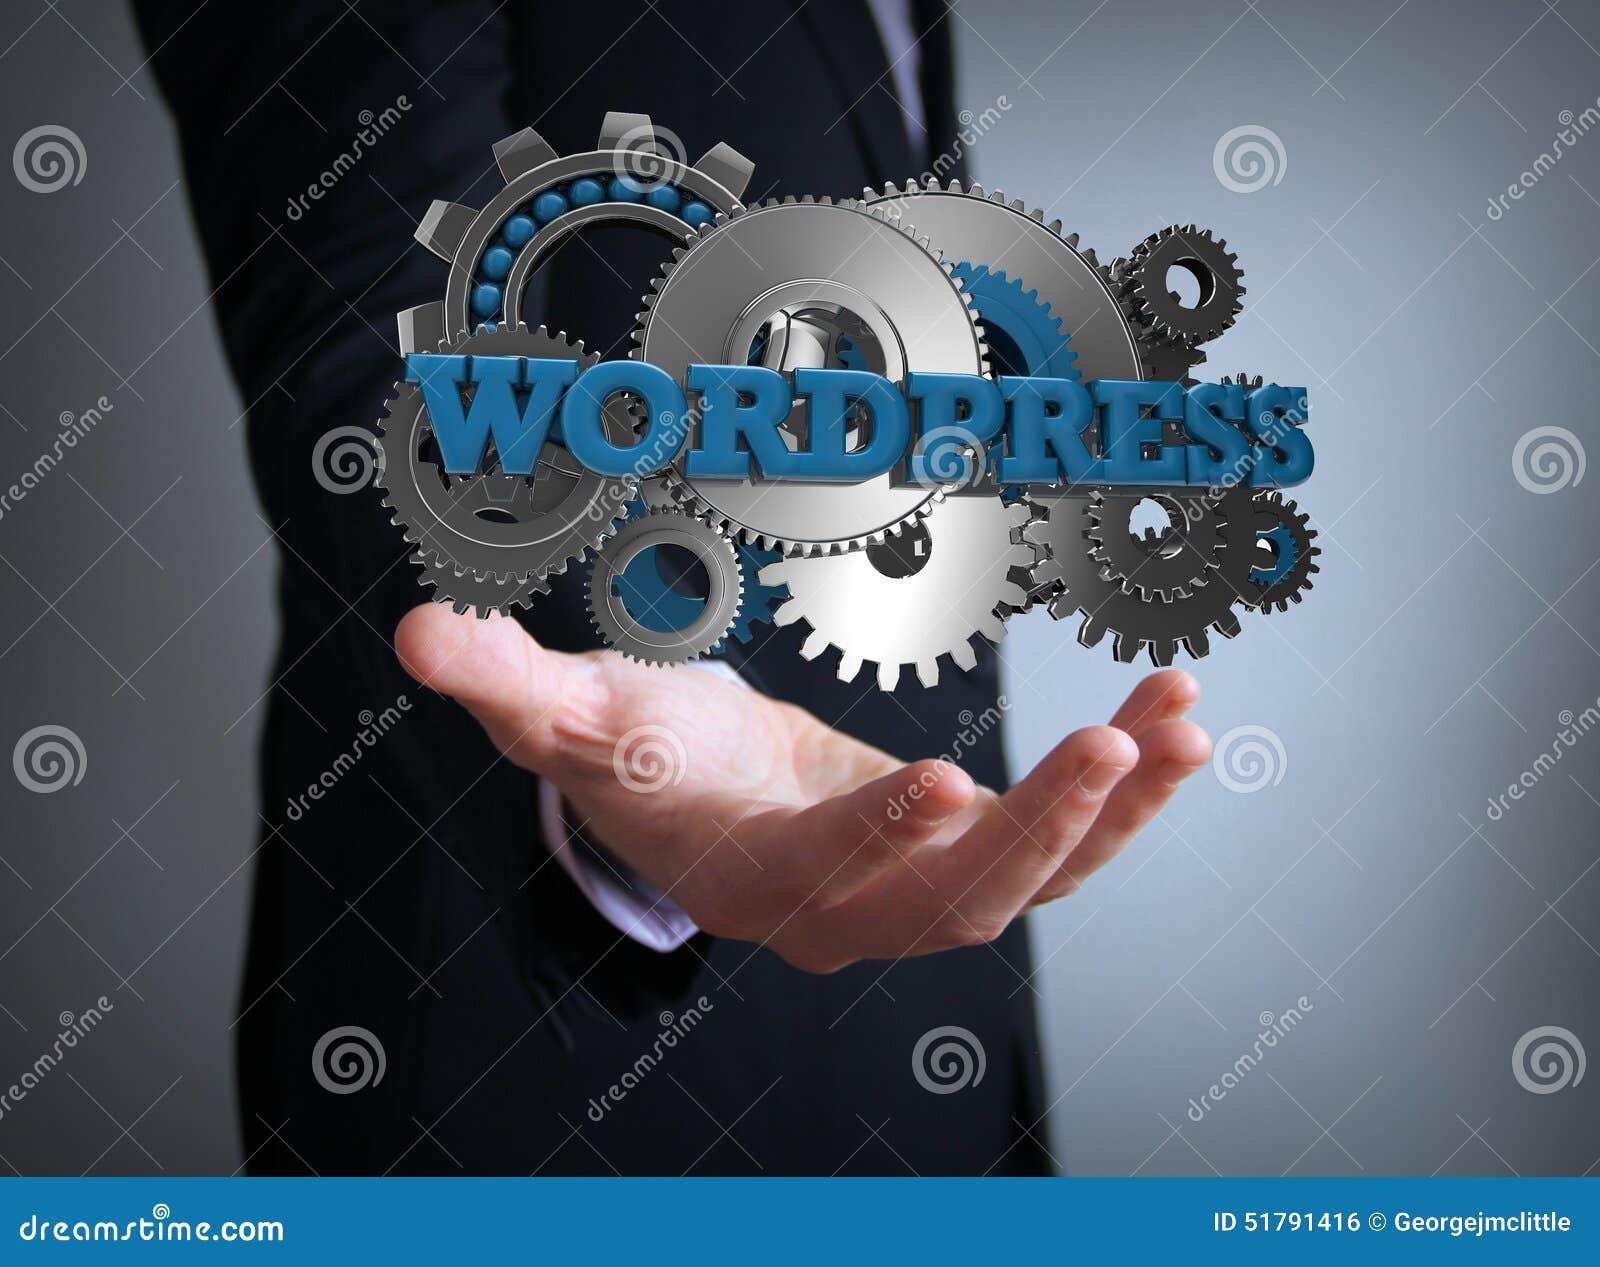 Wordpress übersetzt Geschäftsmann